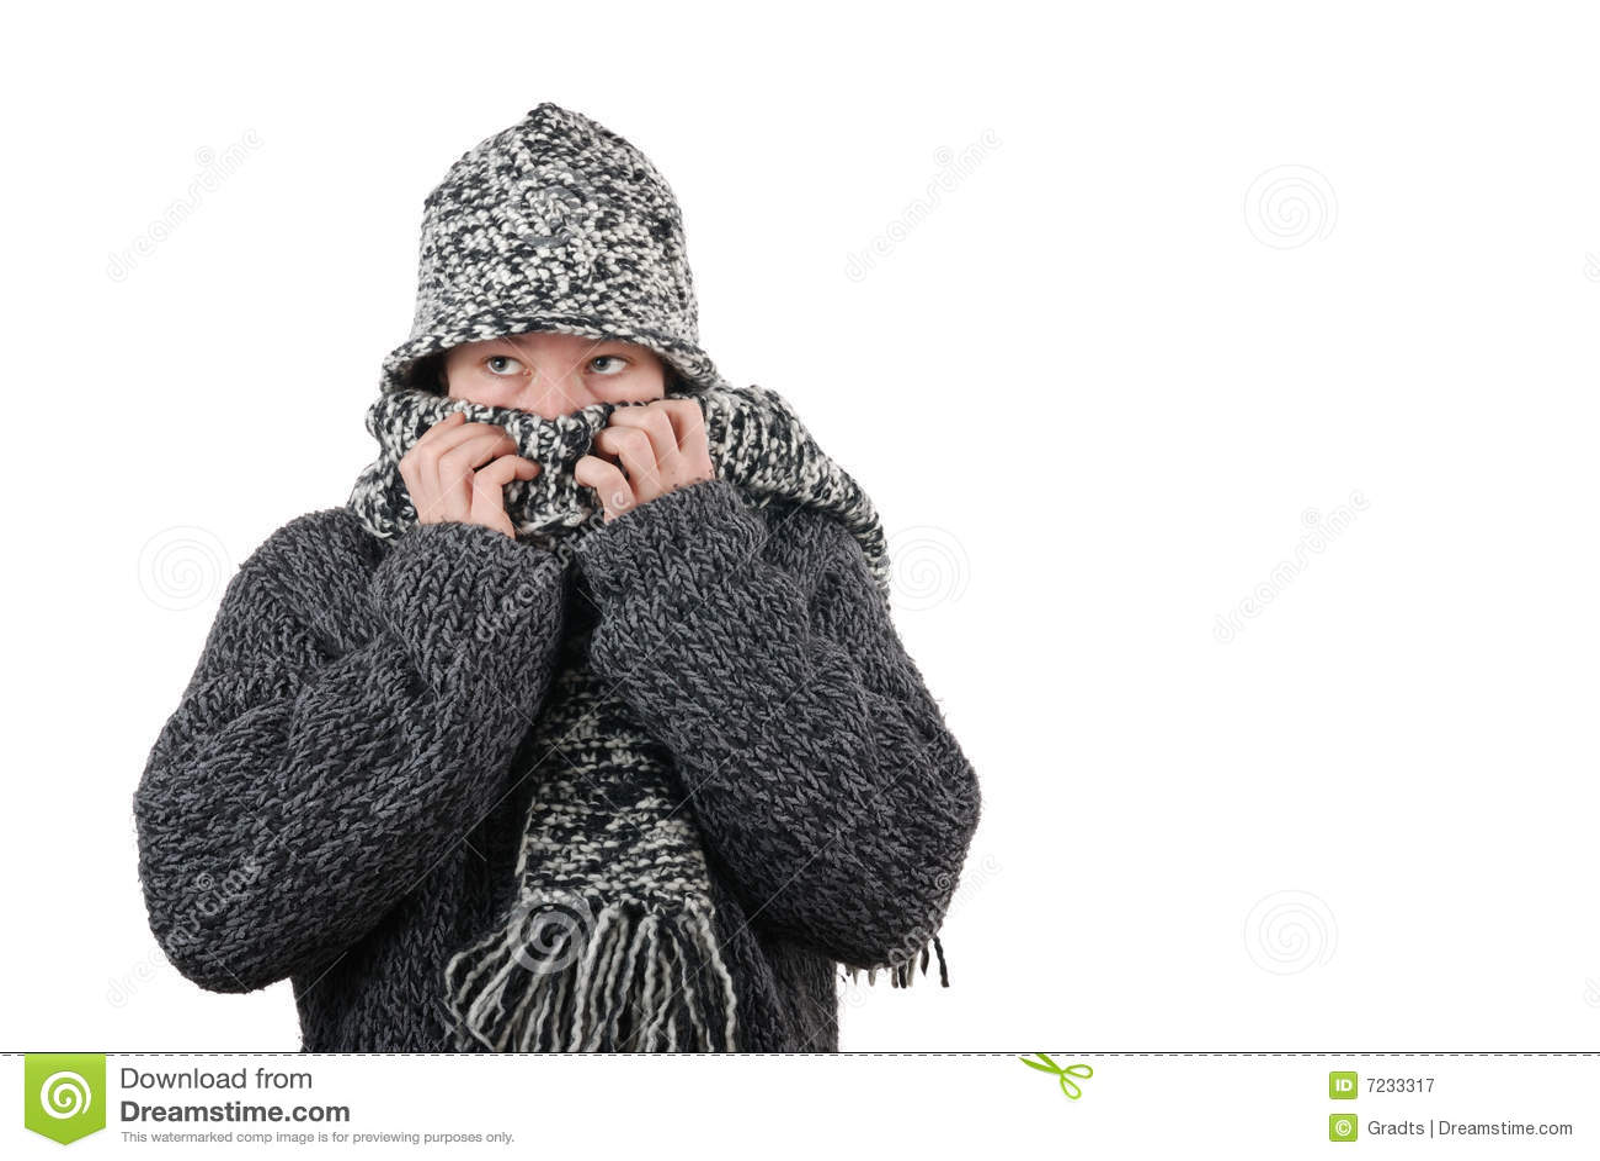 Kall vinter